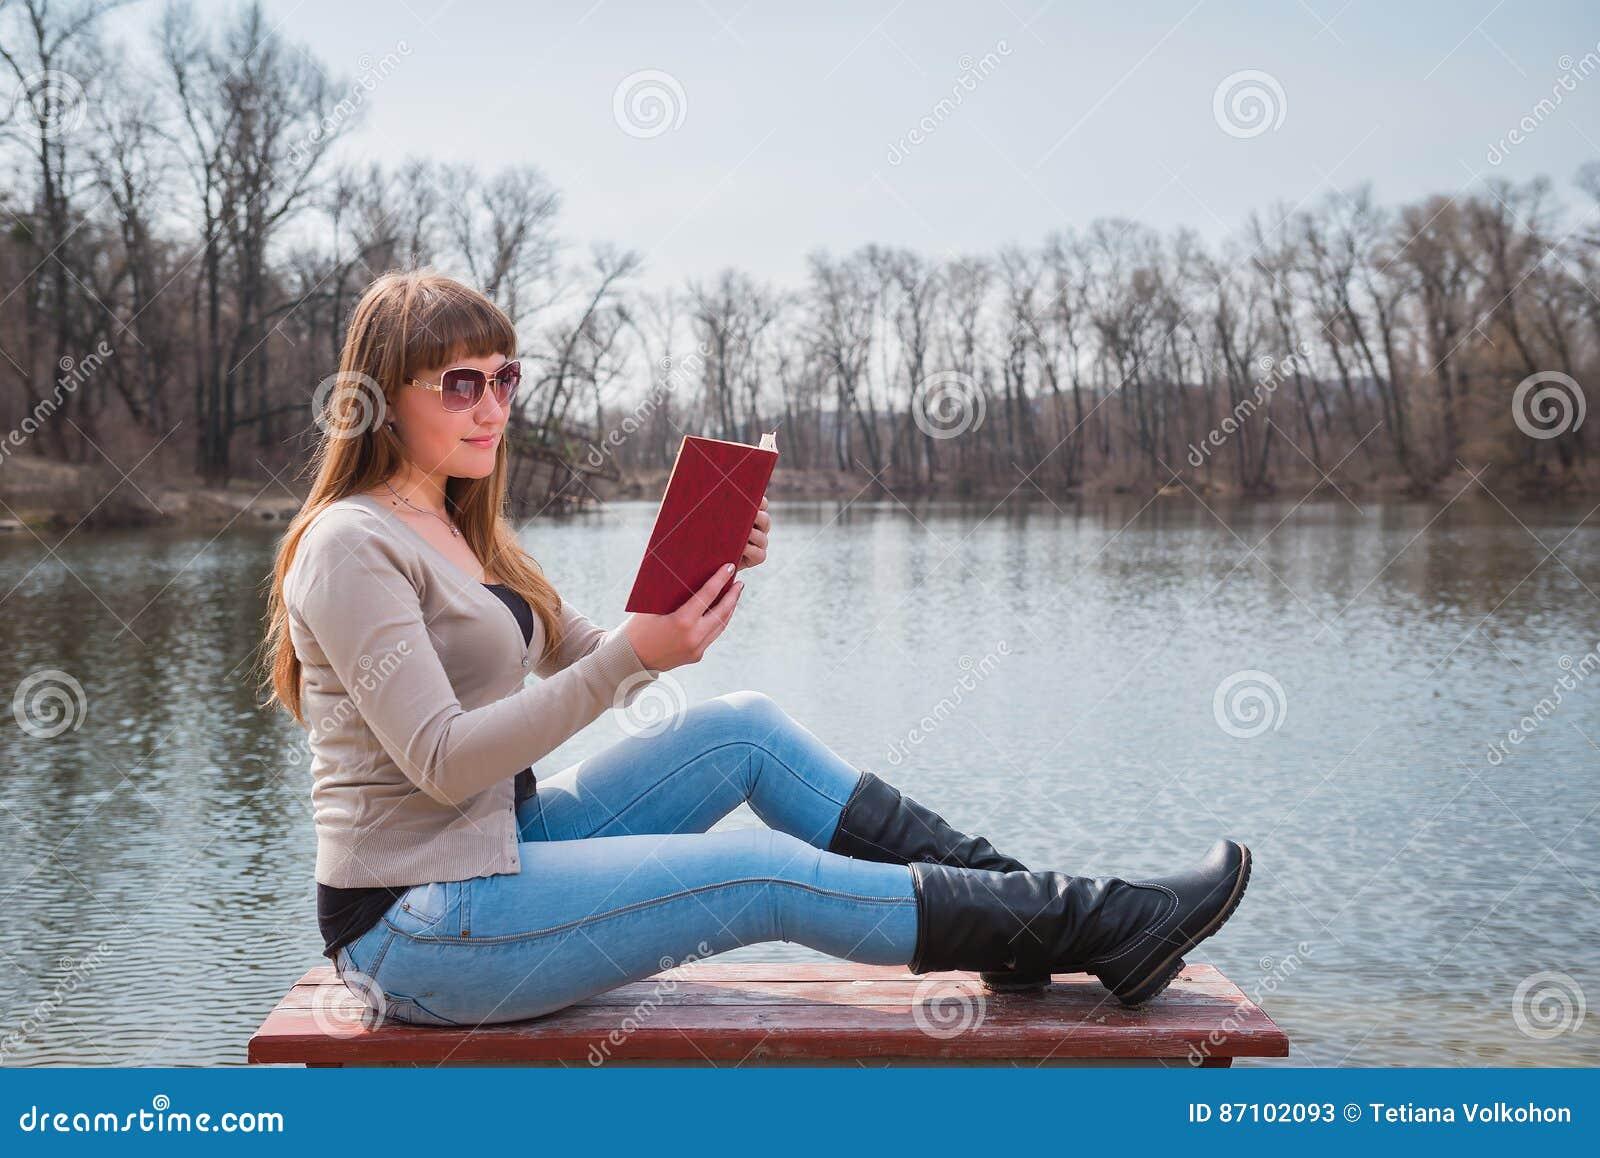 Mujer joven que lee el libro al aire libre en gafas de sol, forma de vida diaria, río en el fondo, primavera, día soleado